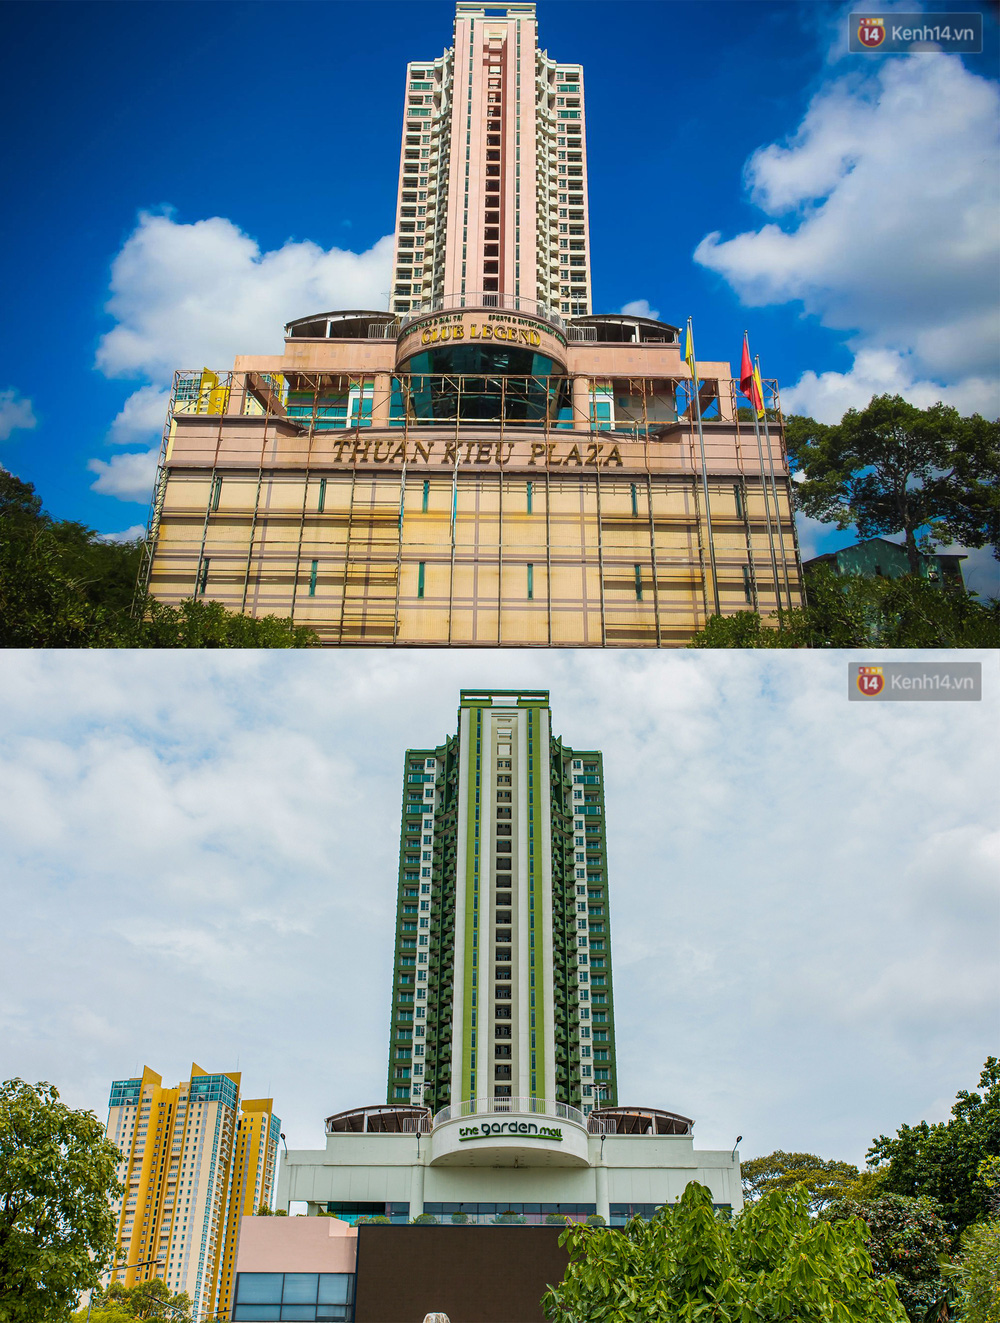 Ảnh: Cận cảnh toà nhà Thuận Kiều Plaza, nơi chuẩn bị được trưng dụng làm bệnh viện dã chiến điều trị Covid-19 - Ảnh 15.